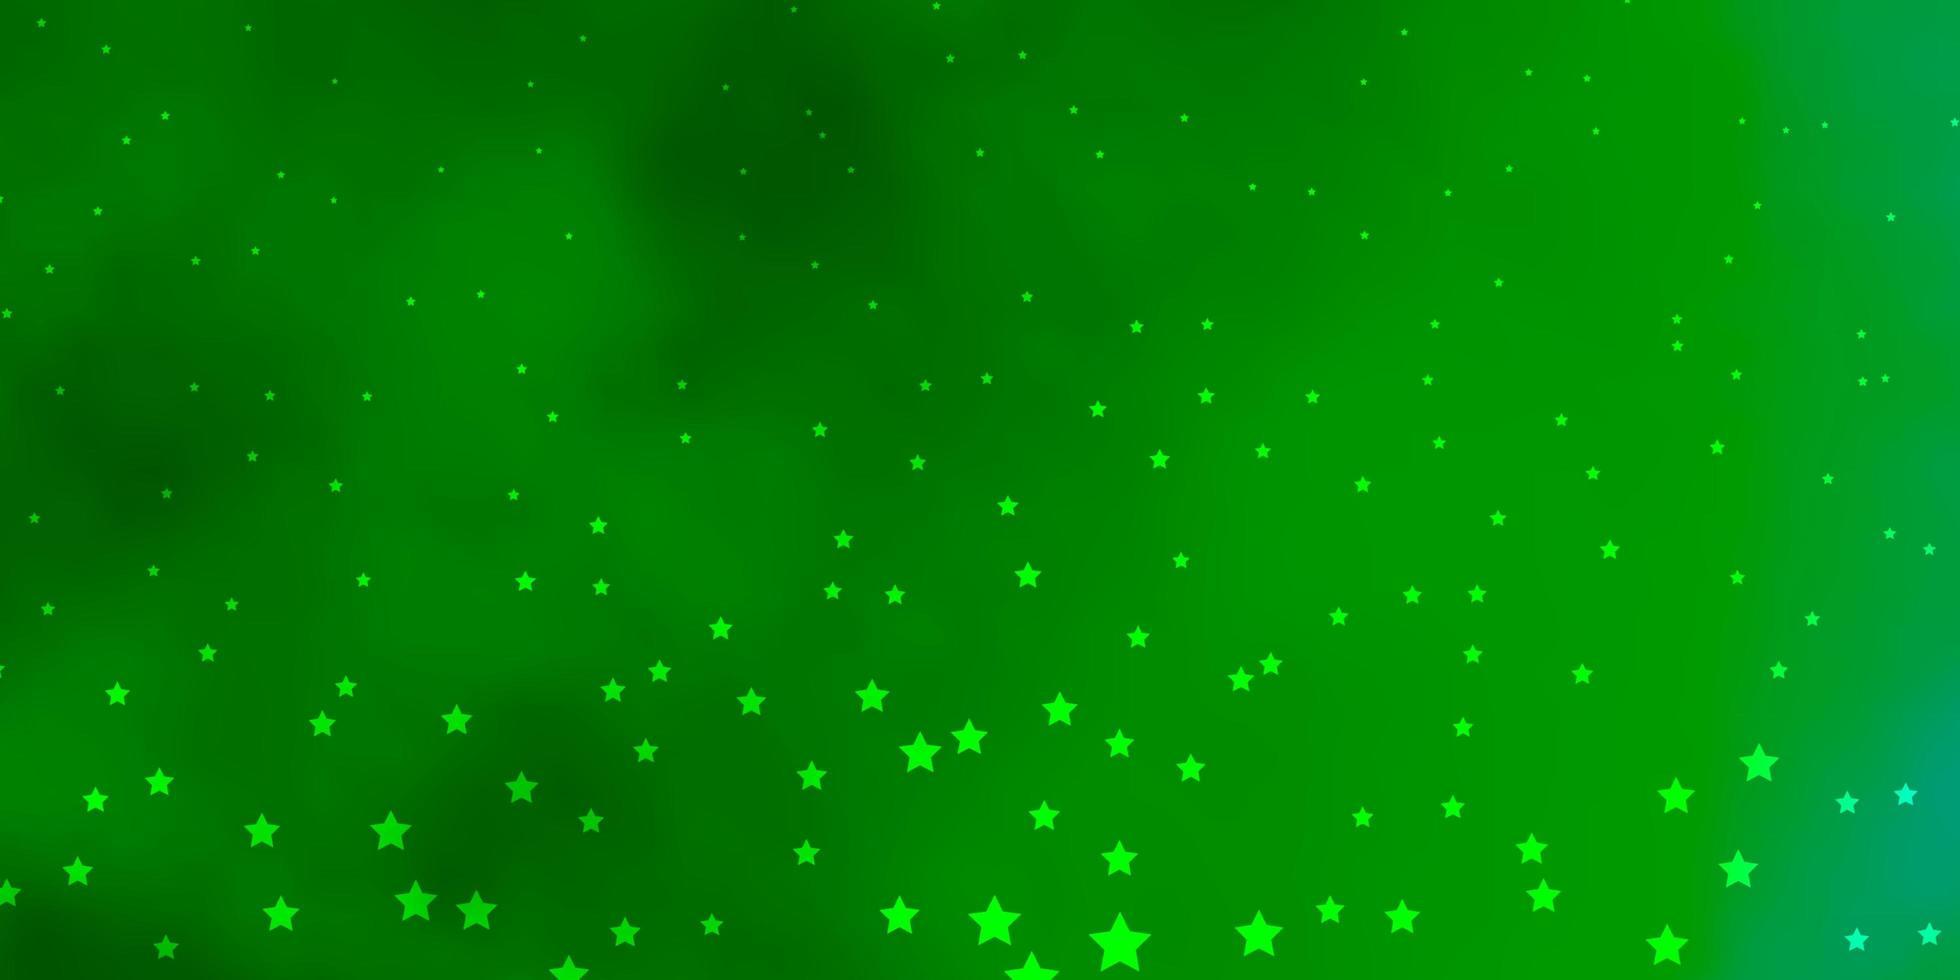 texture verte avec de belles étoiles. vecteur